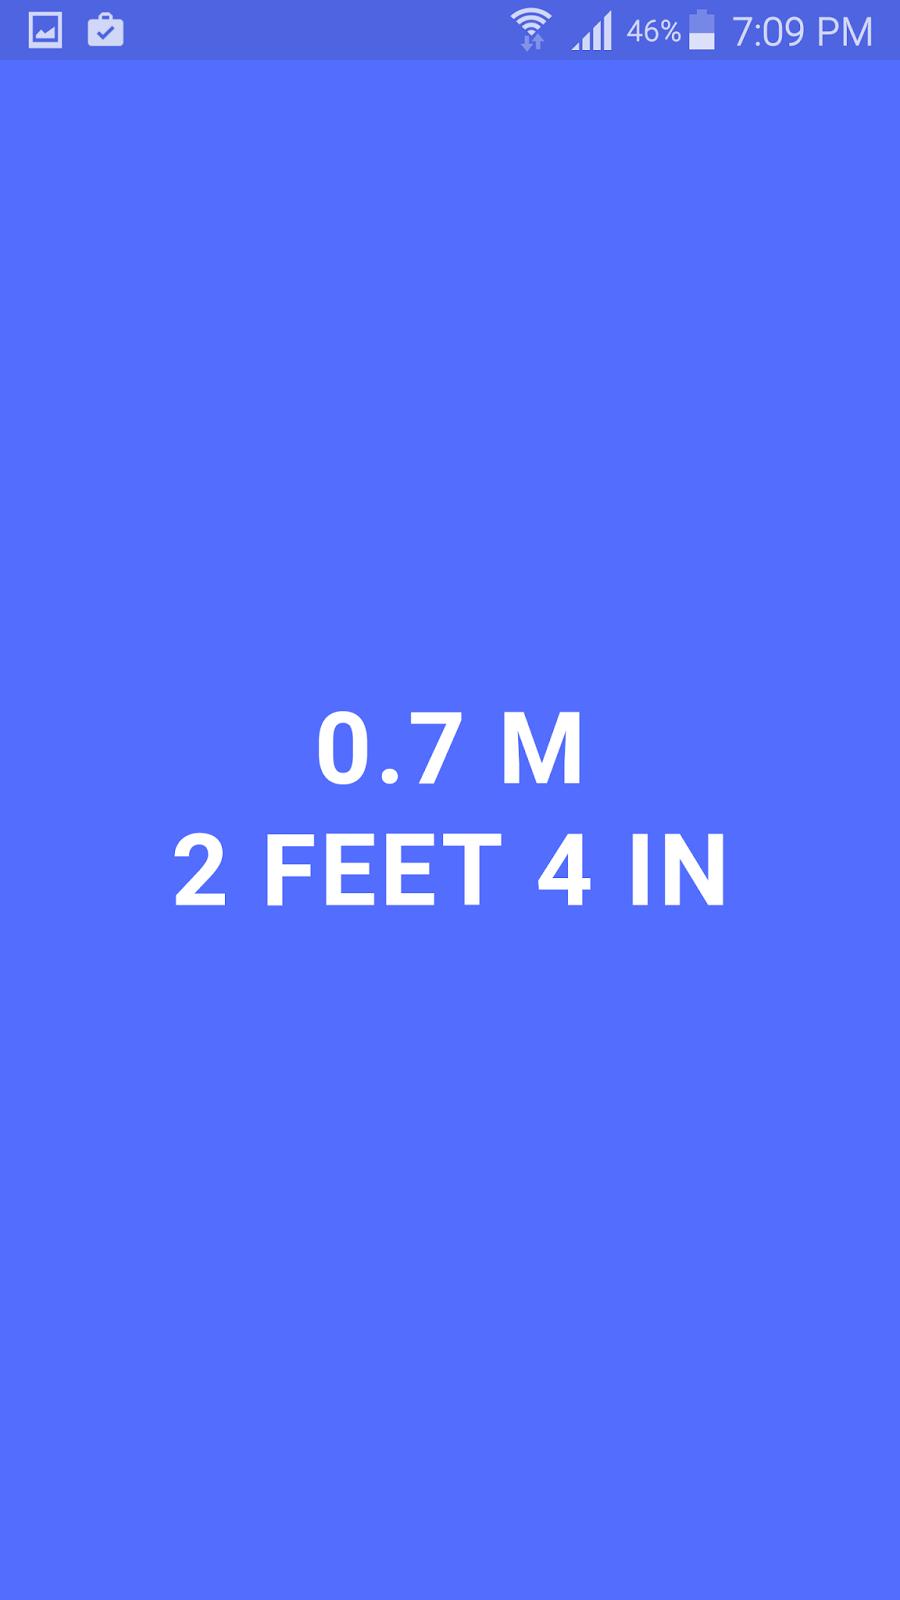 حوّل جوالك الى مسطرة جوال من خلال تطبيق MeasureBot | بحرية درويد